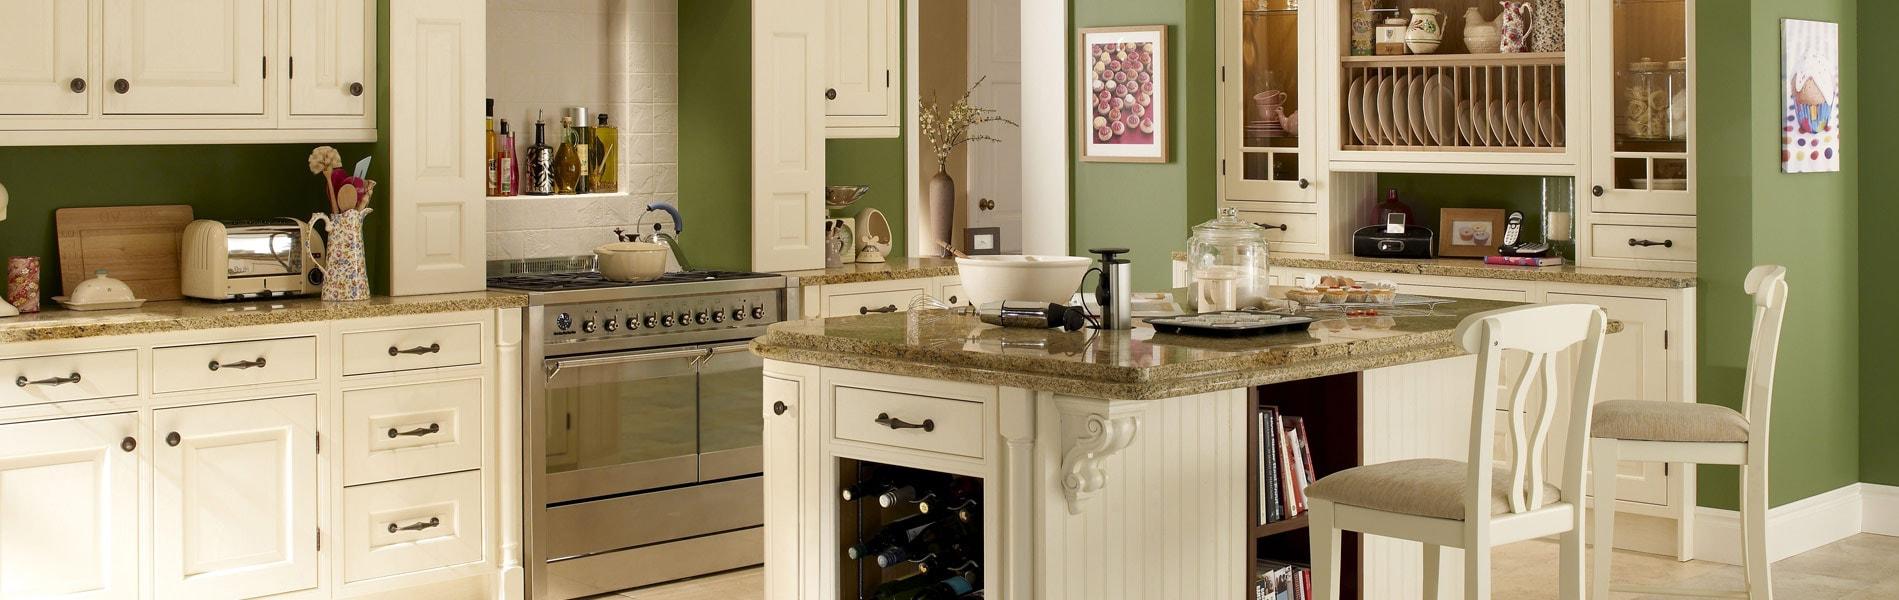 Property Restoration Services Kitchen Renovations